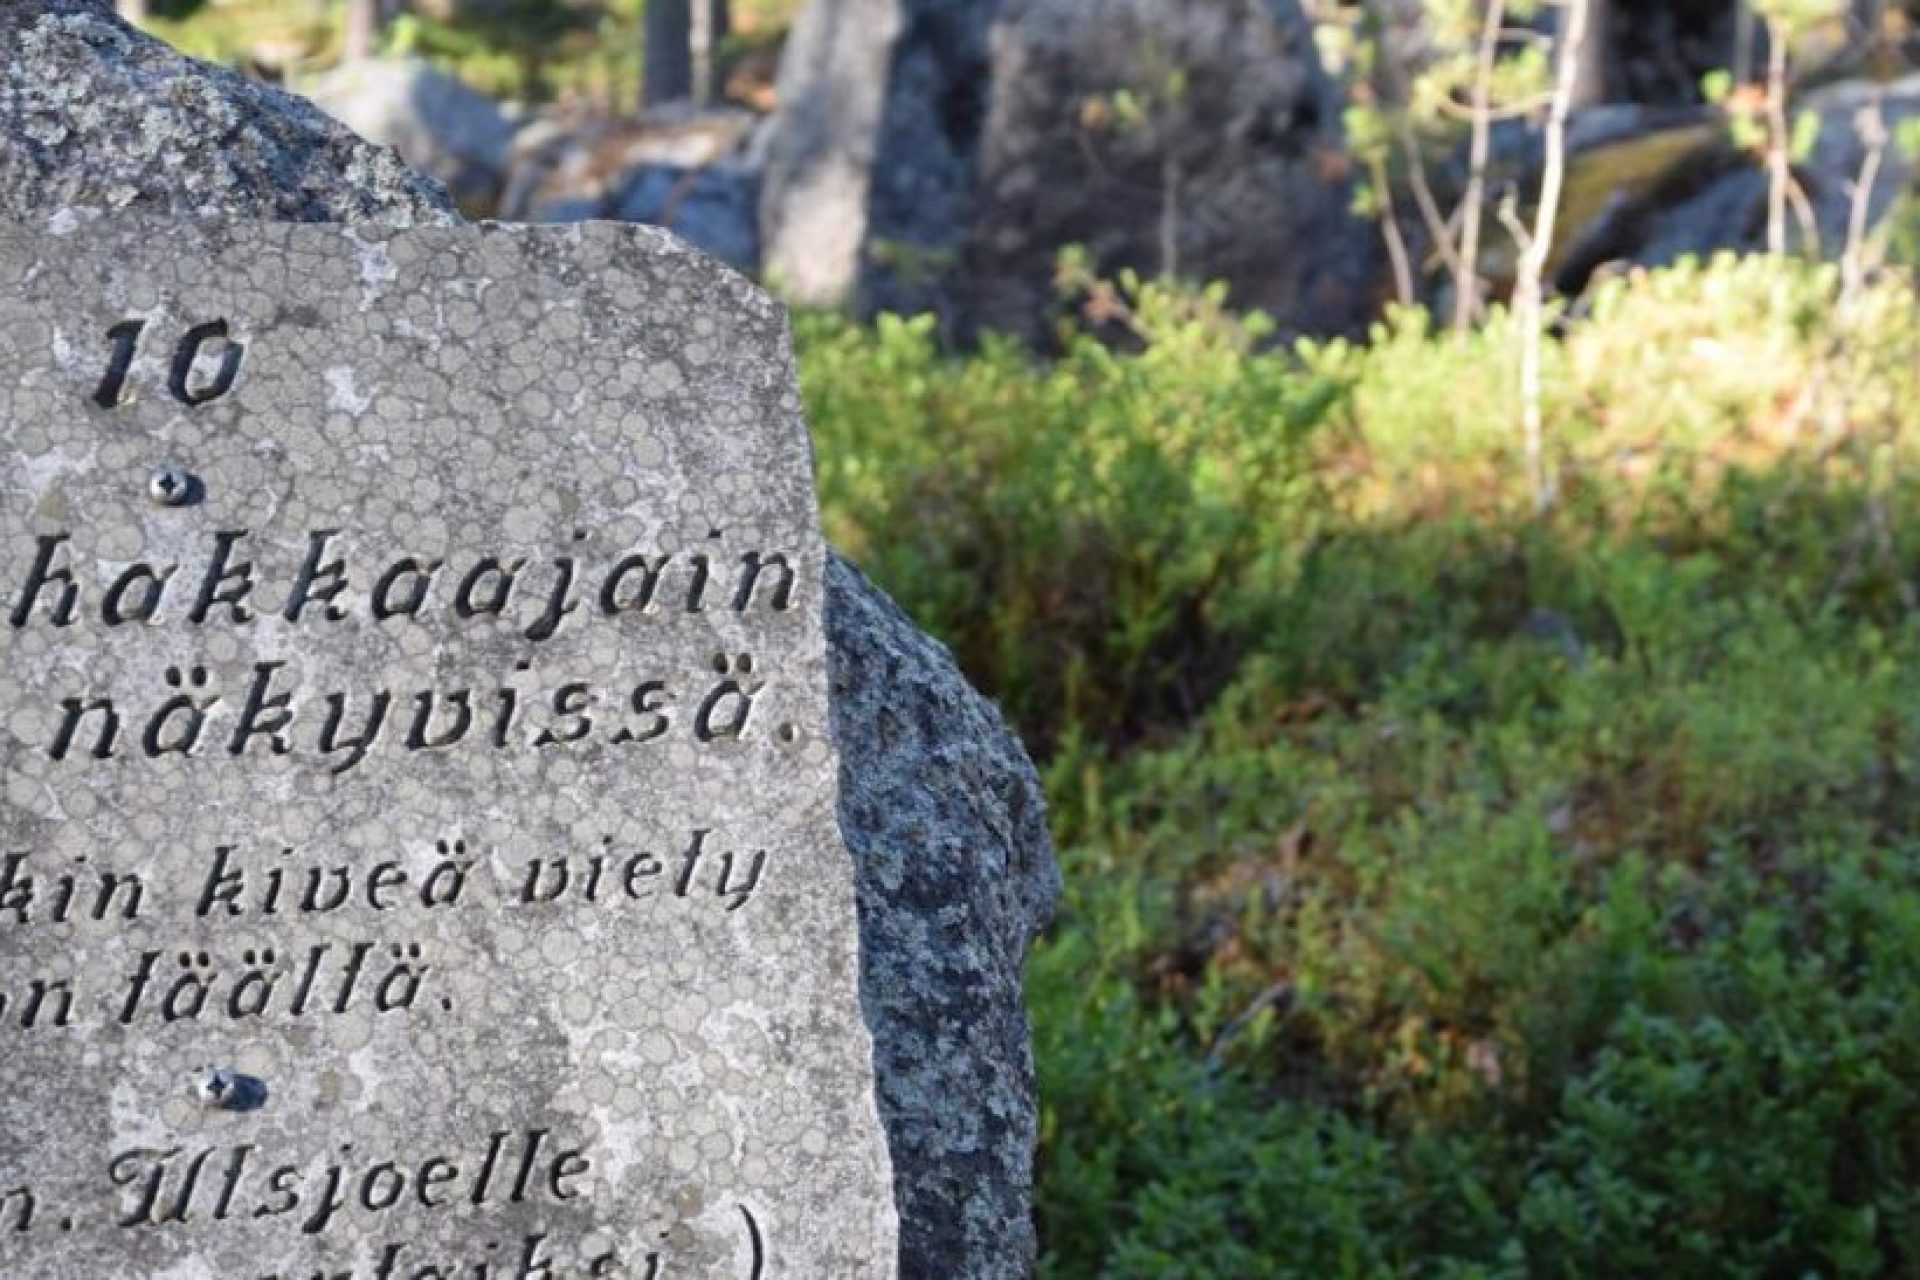 Kivenhakkaajan-luontopolku-e1592815307927-1400x547